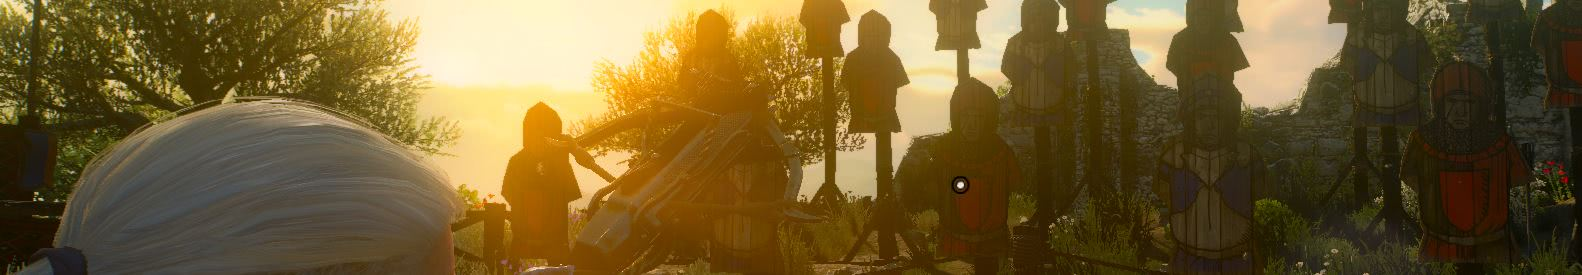 witcher3 Песнь рыцарского сердца солнце